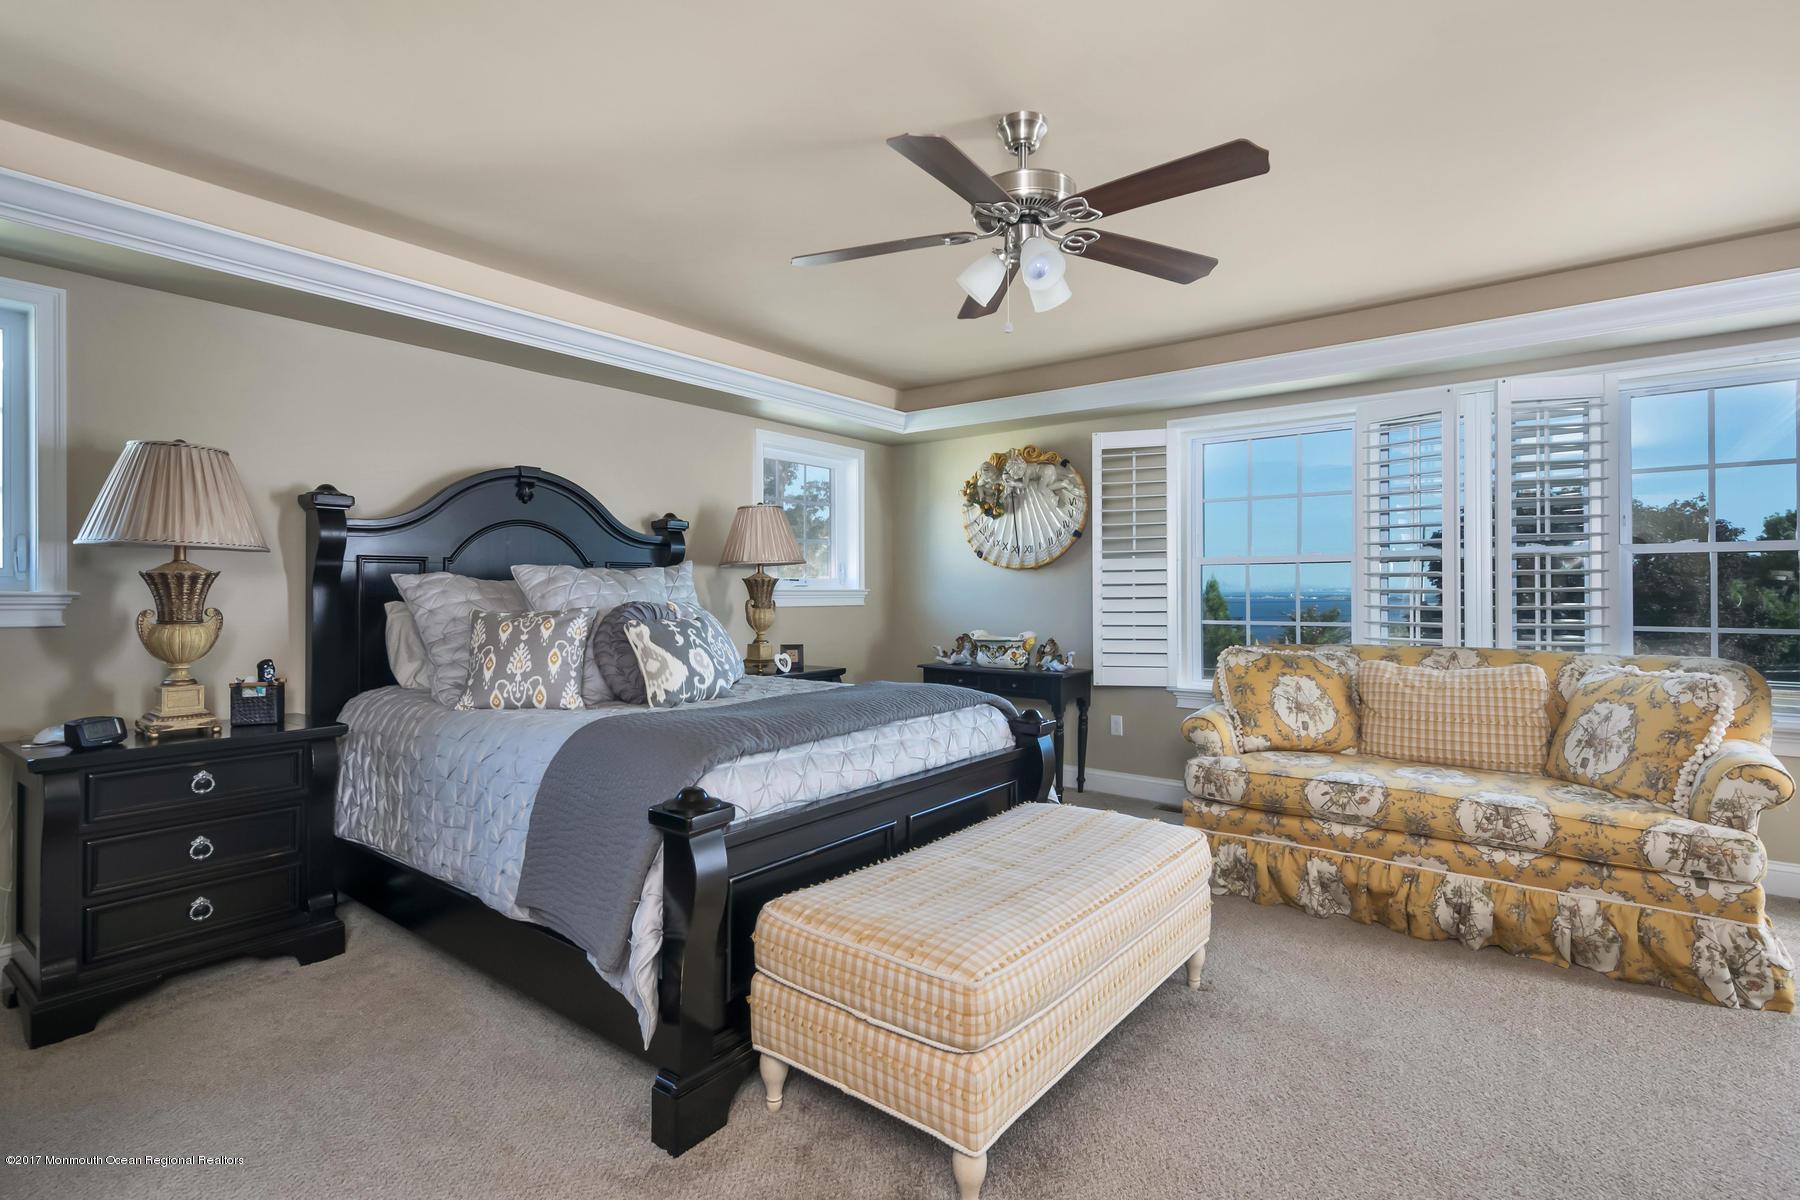 3rd Floor - Master Bedroom